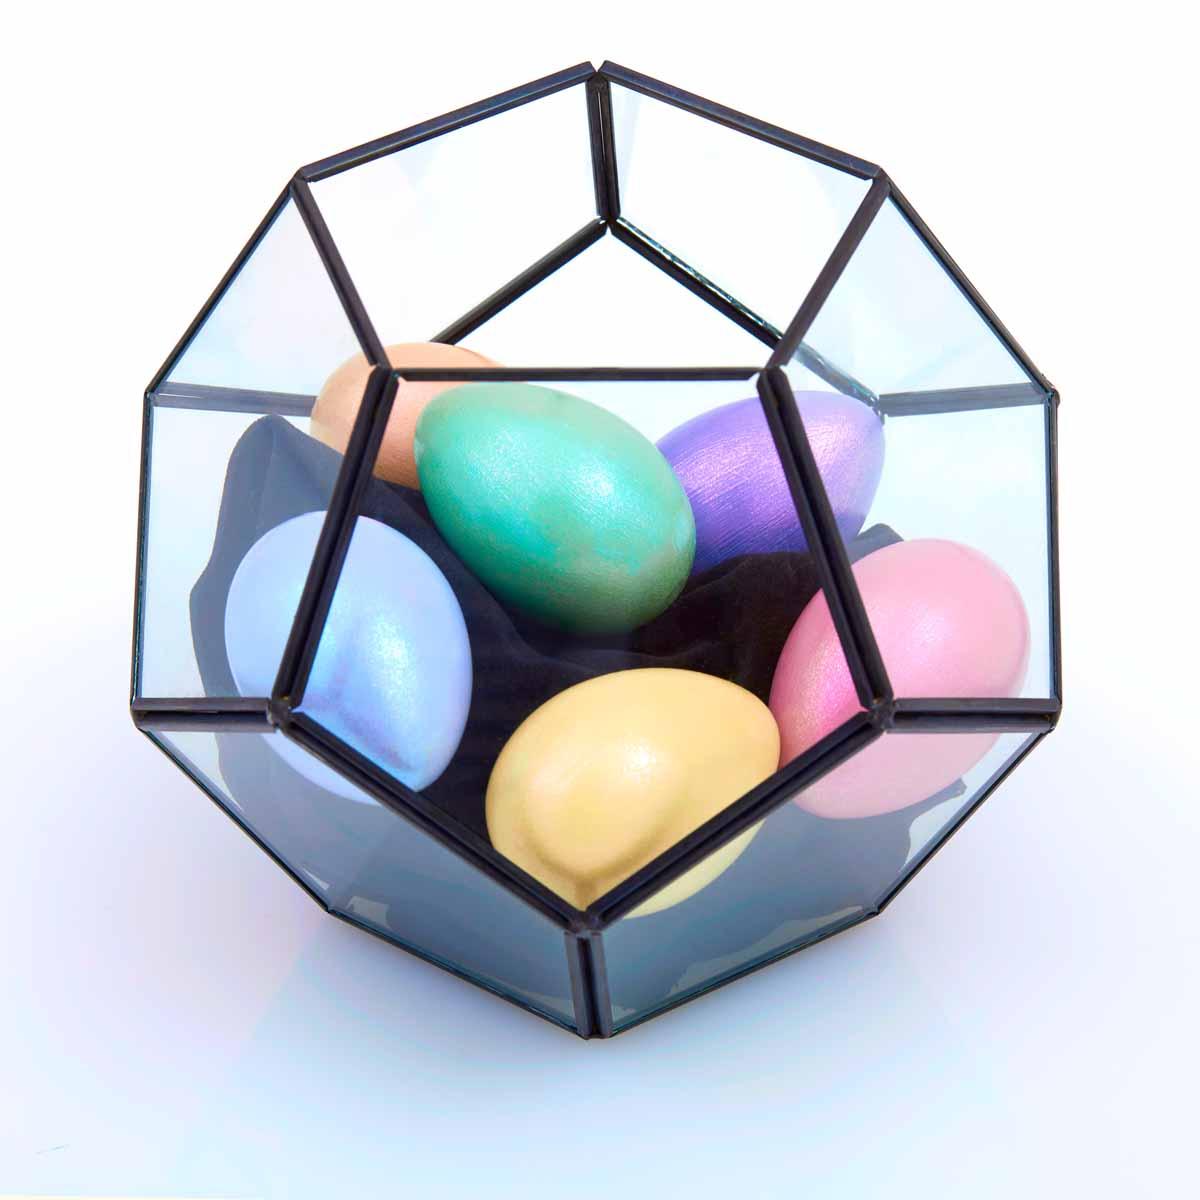 Iridescent Easter Eggs